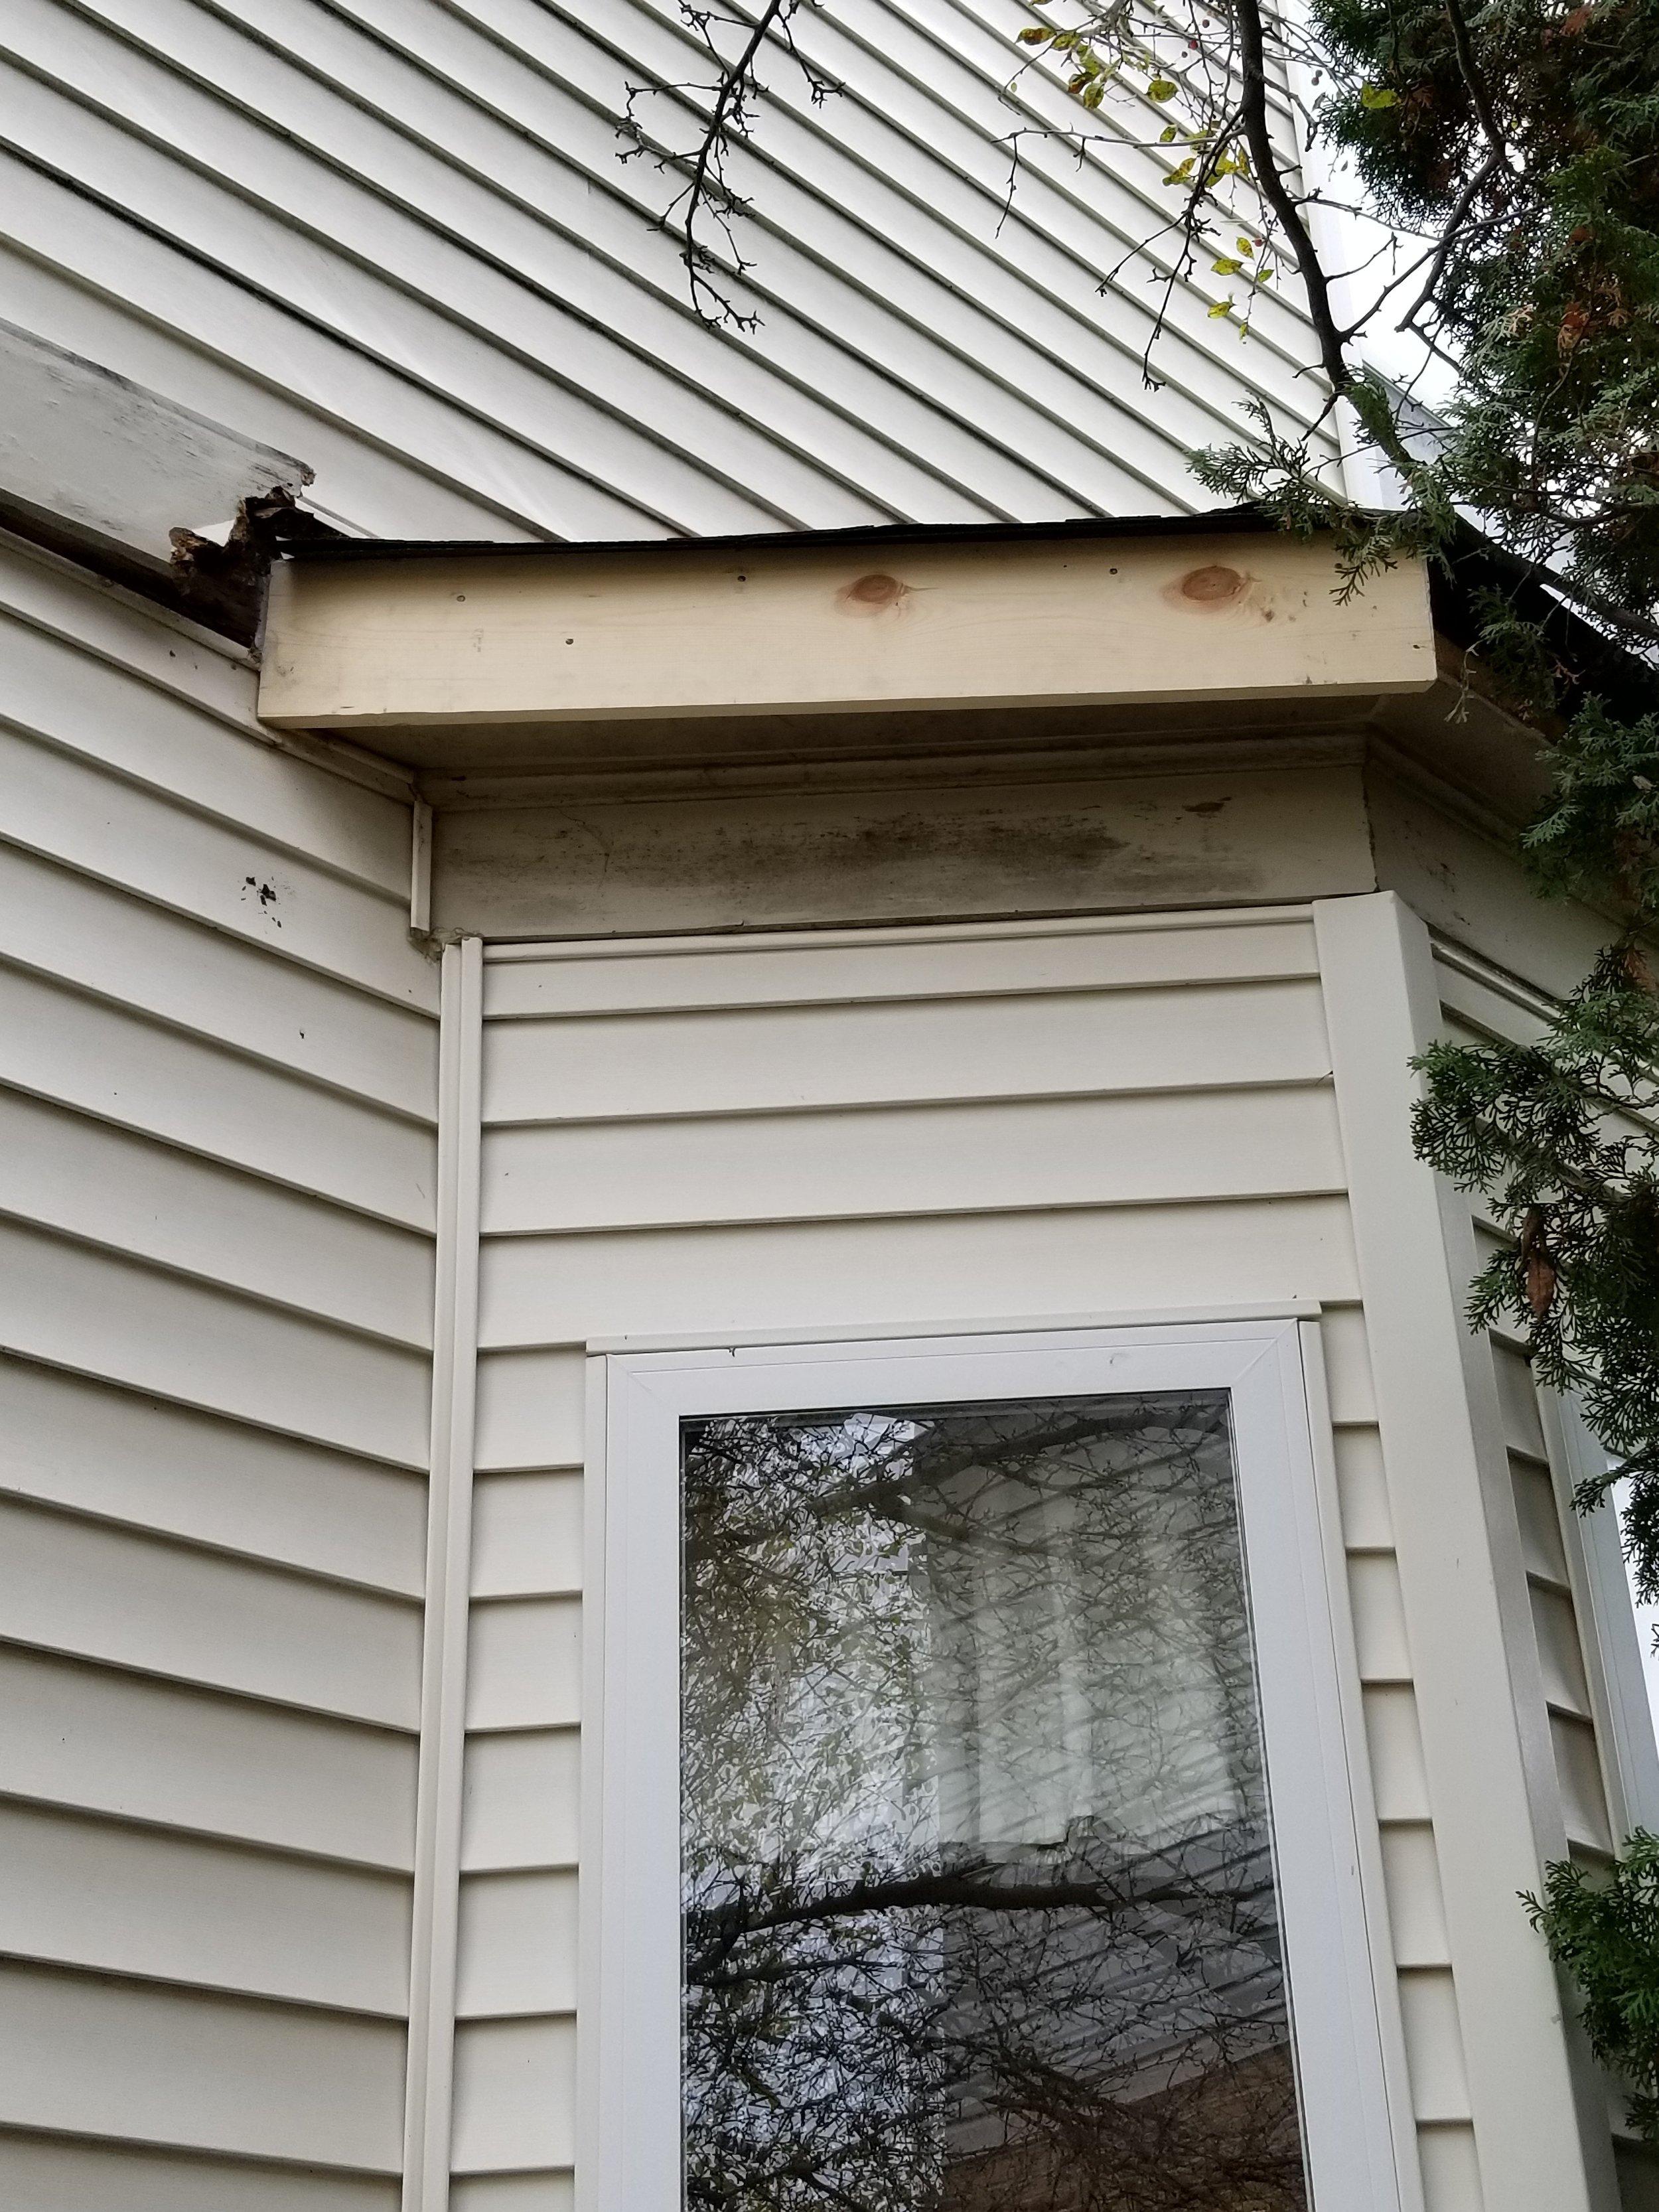 Exterior wood trim repairs